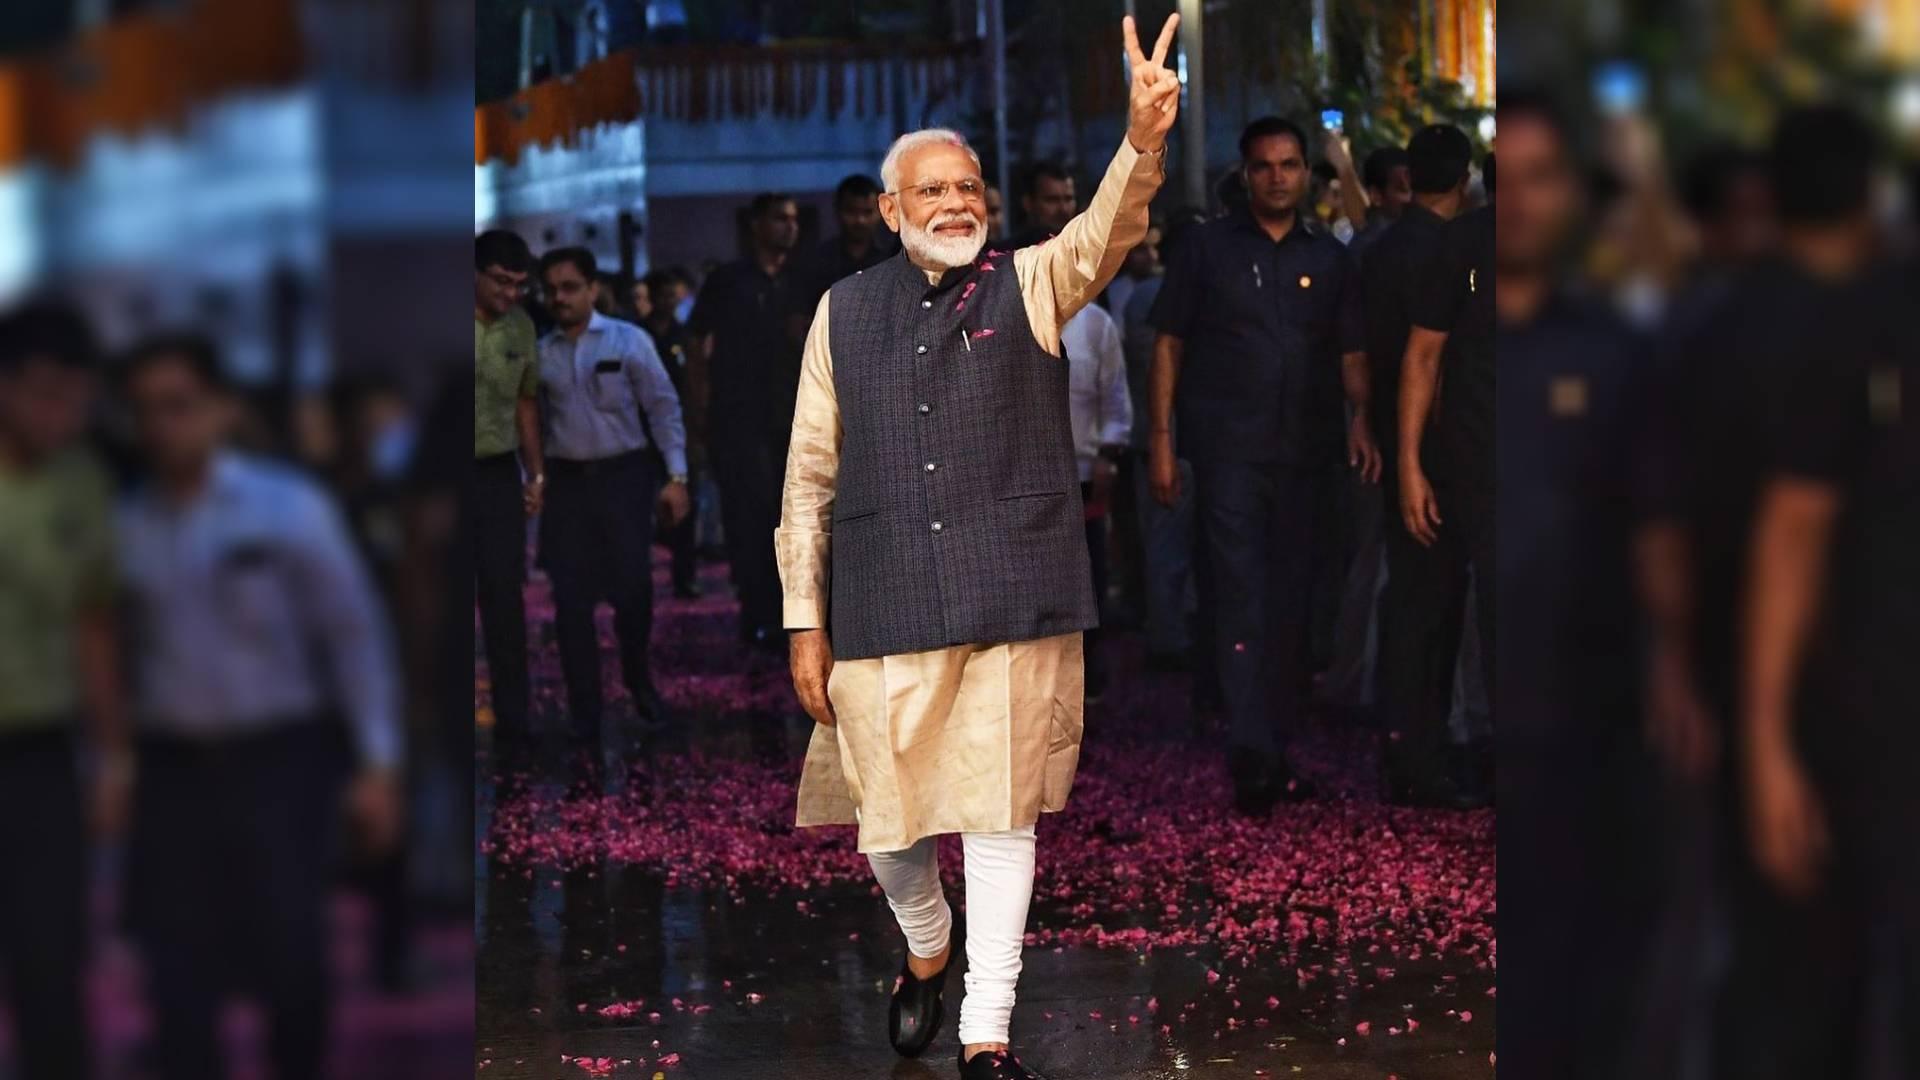 PM Narendra Modi Birthday: पीएम नरेंद्र मोदी के नाम है ये अनोखा रिकॉर्ड, जानिए उनकी अनसुनी बातें